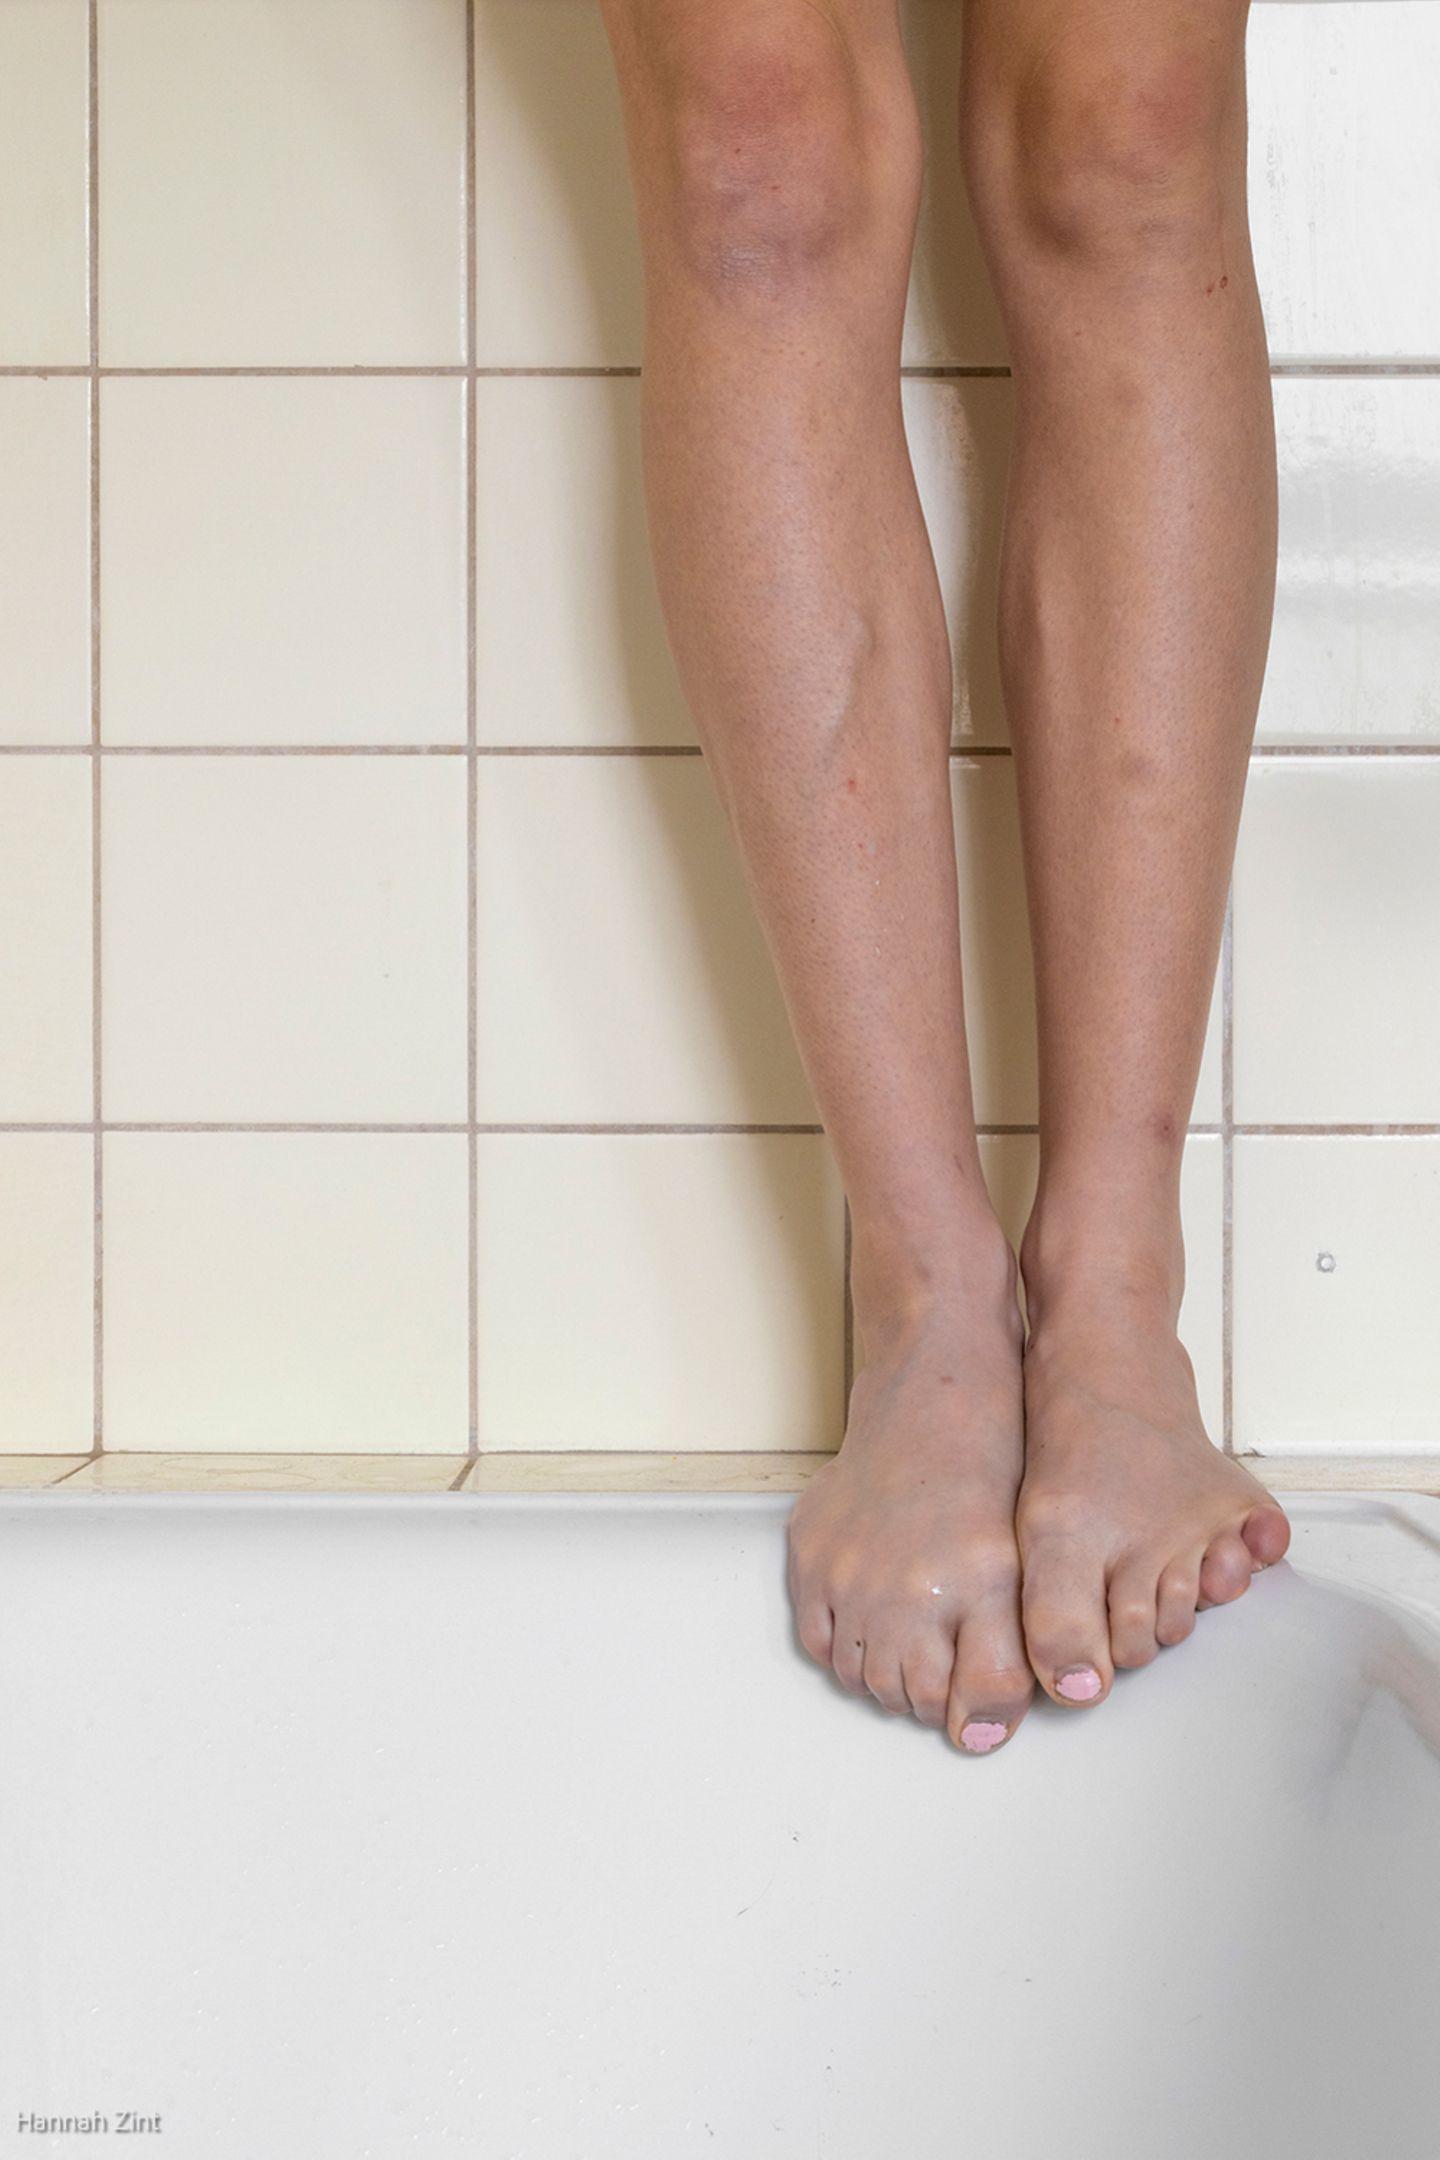 Endometriose in Bildern: Beine auf Badewanne